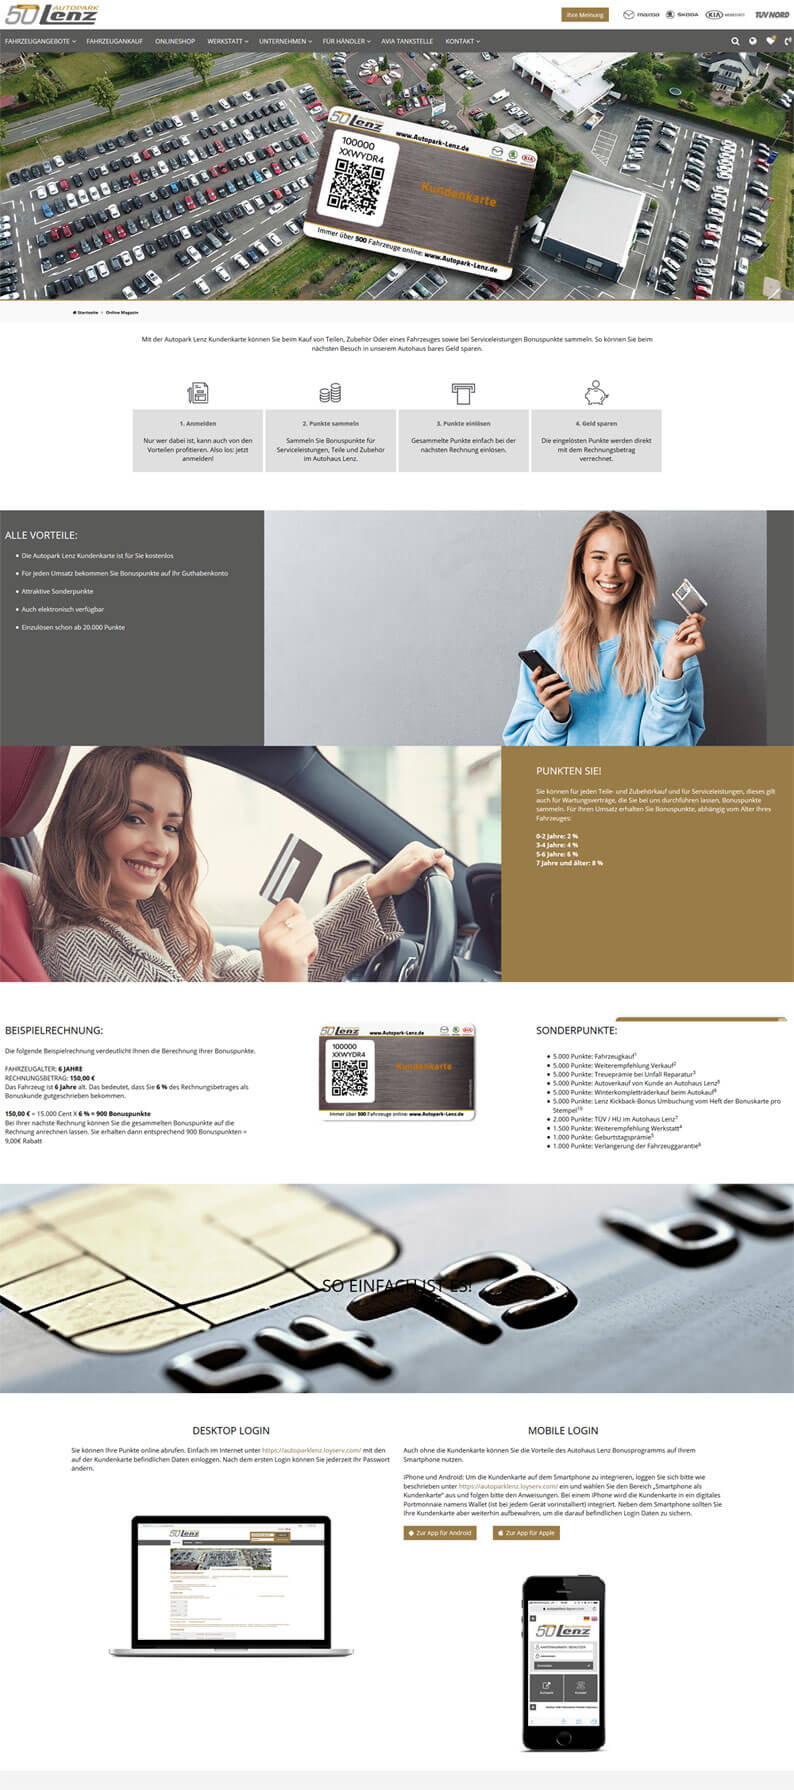 Die Kundenkarte vom Autopark Lenz auf der Webseite